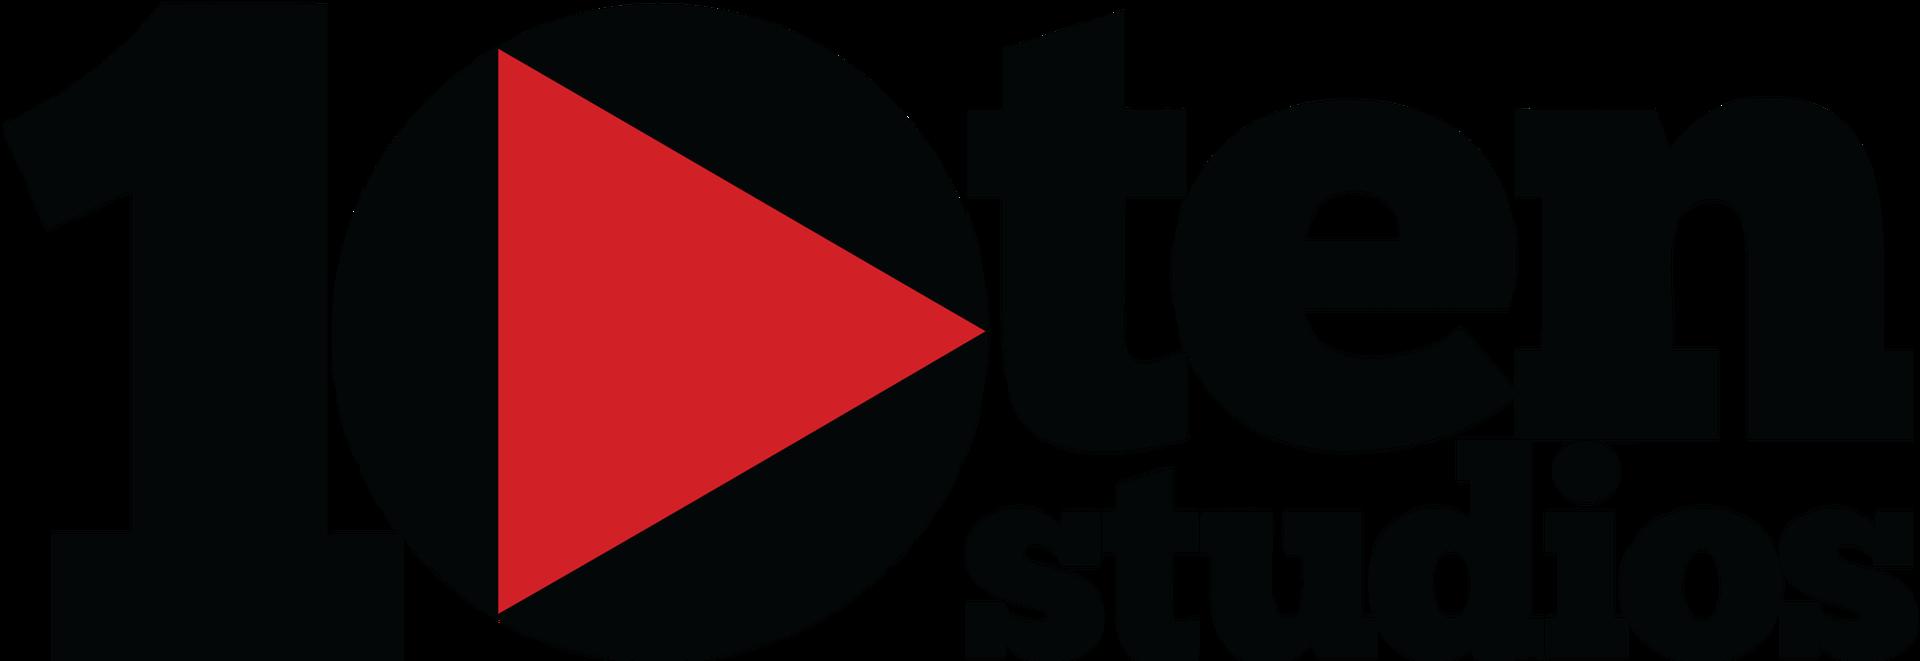 Talking Head Videos - Jay Farner, Quicken Loans on Vimeo